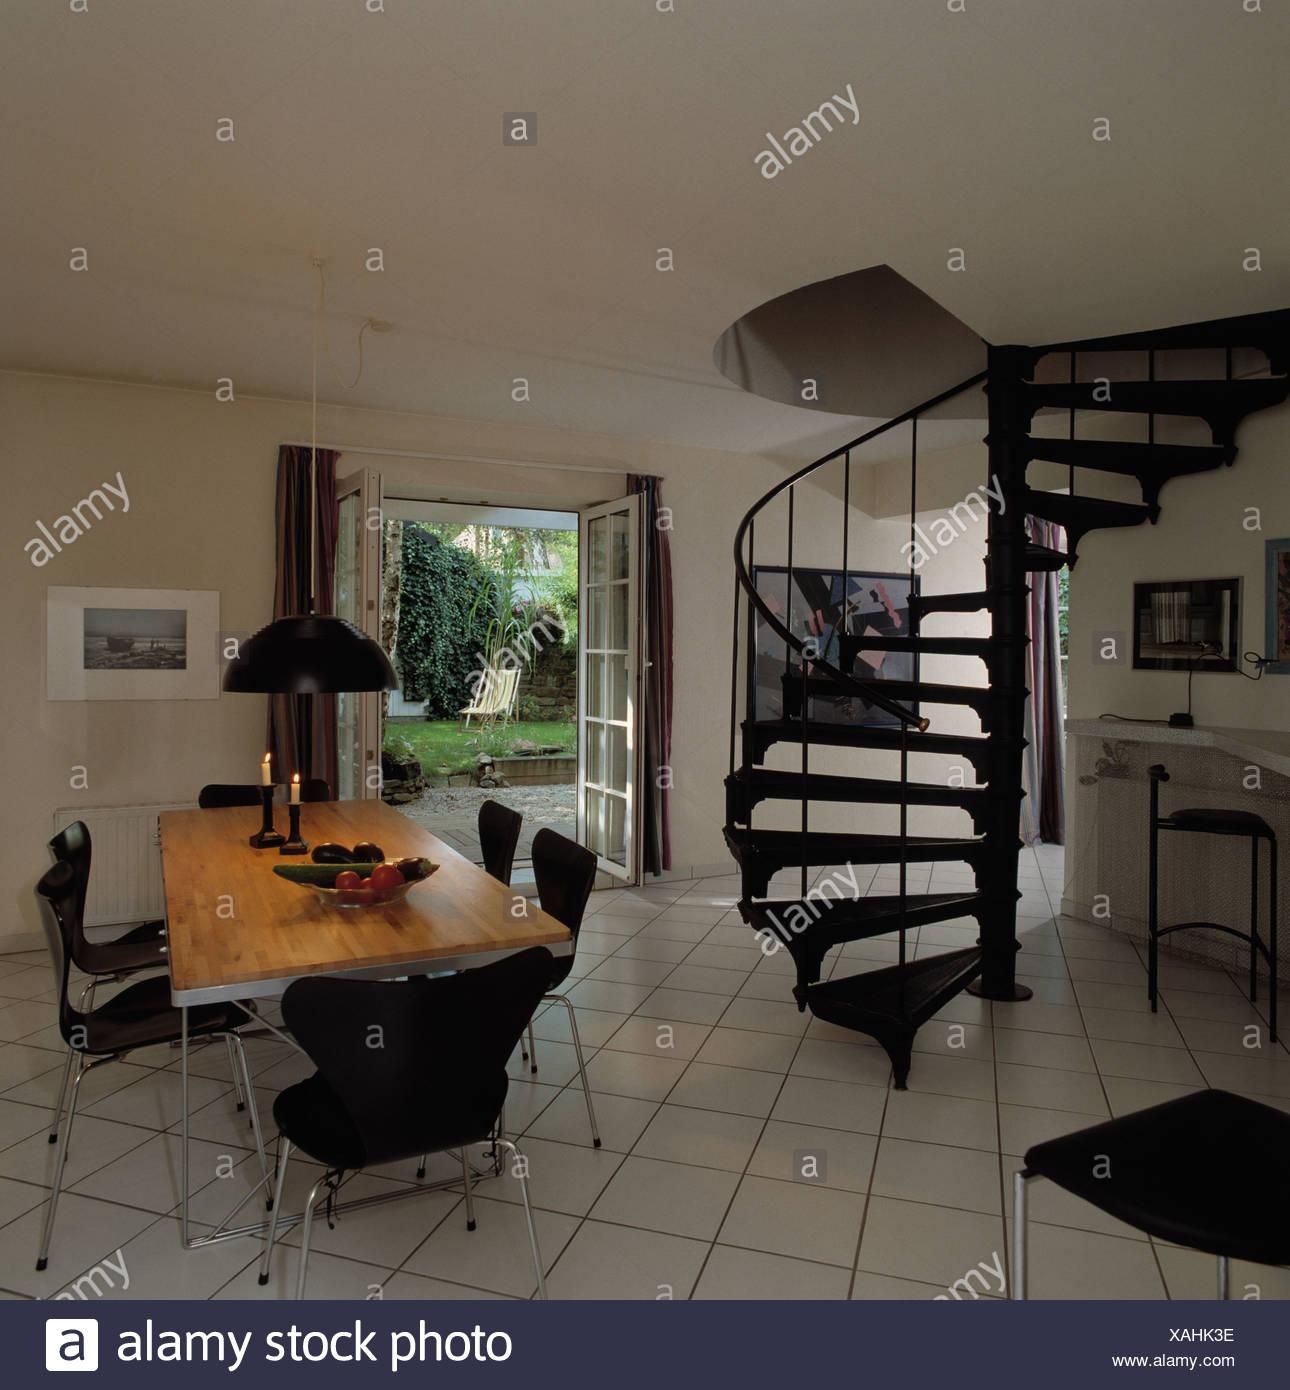 Escalera de caracol negro en blanco y moderno salón comedor con piso ...